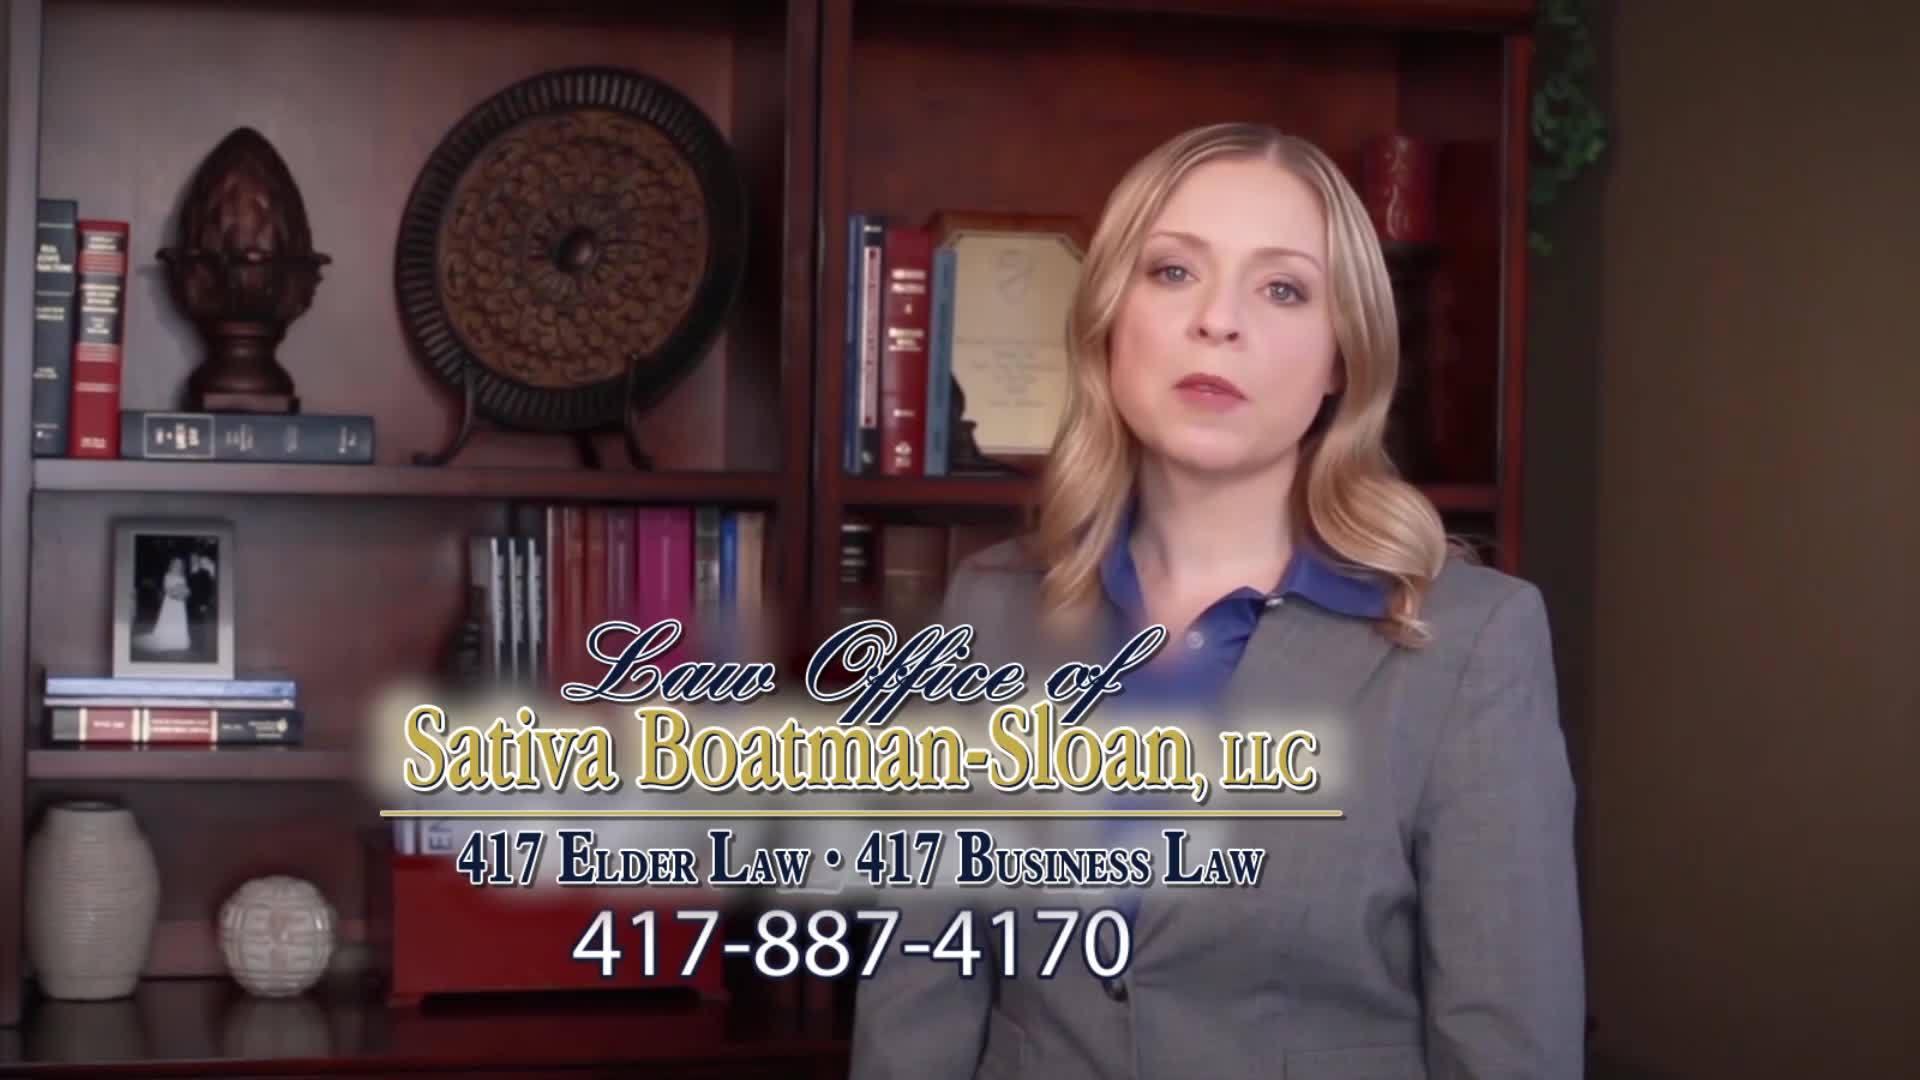 Law Office Sativa Boatman Sloan - Nursing Home_